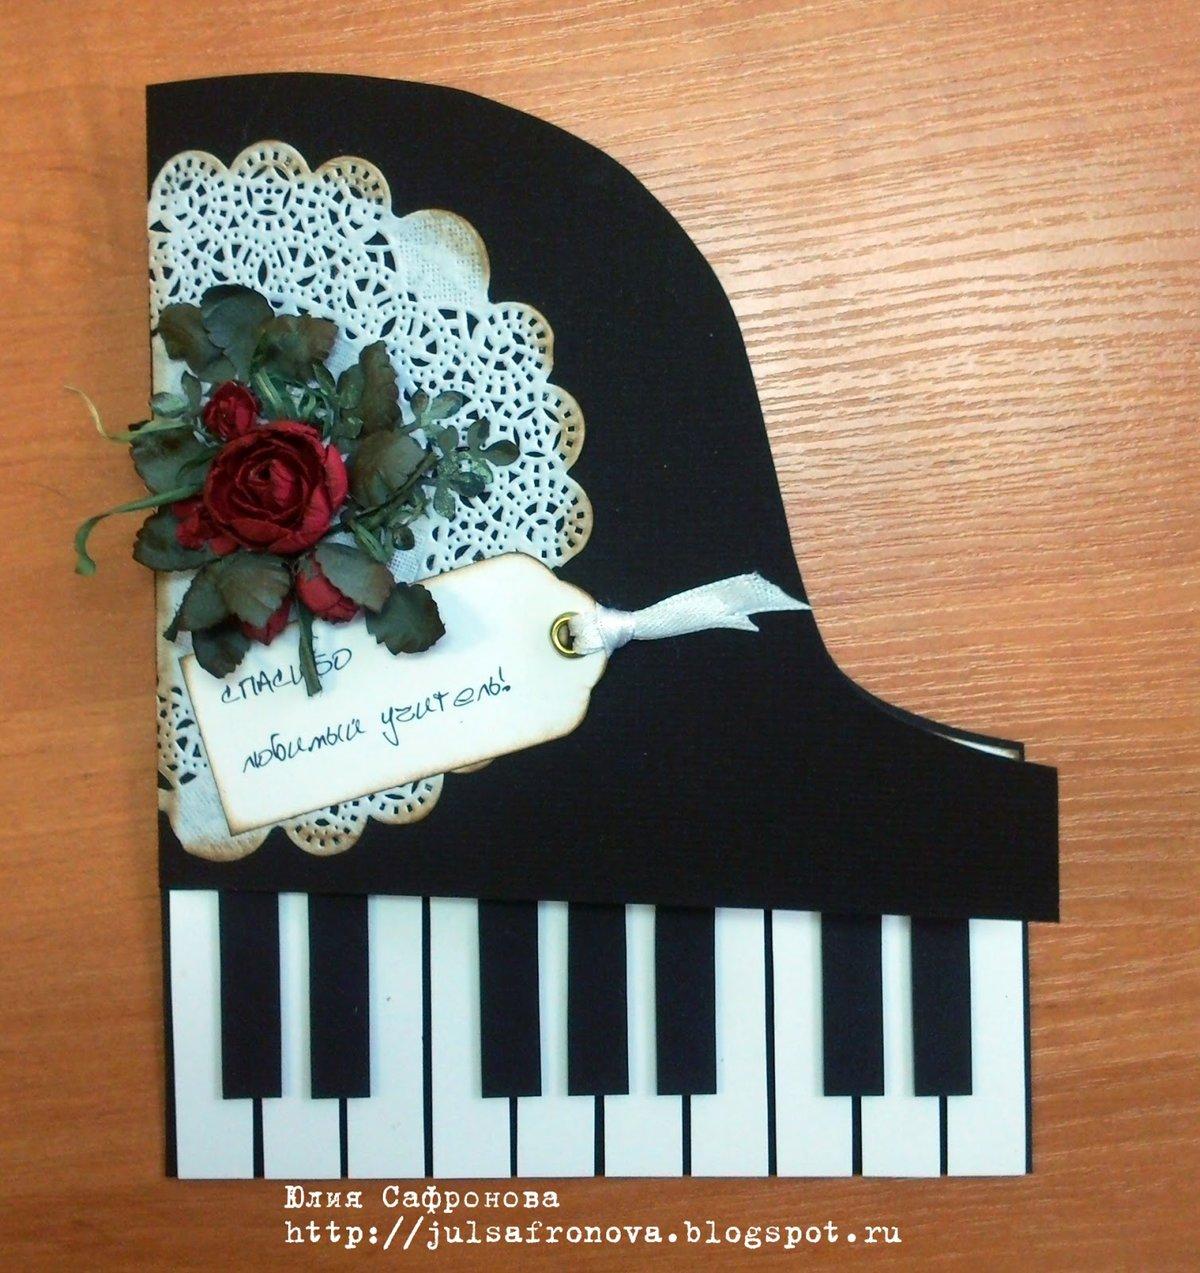 открытка ко дню учителя учителю музыки своими руками снимал также